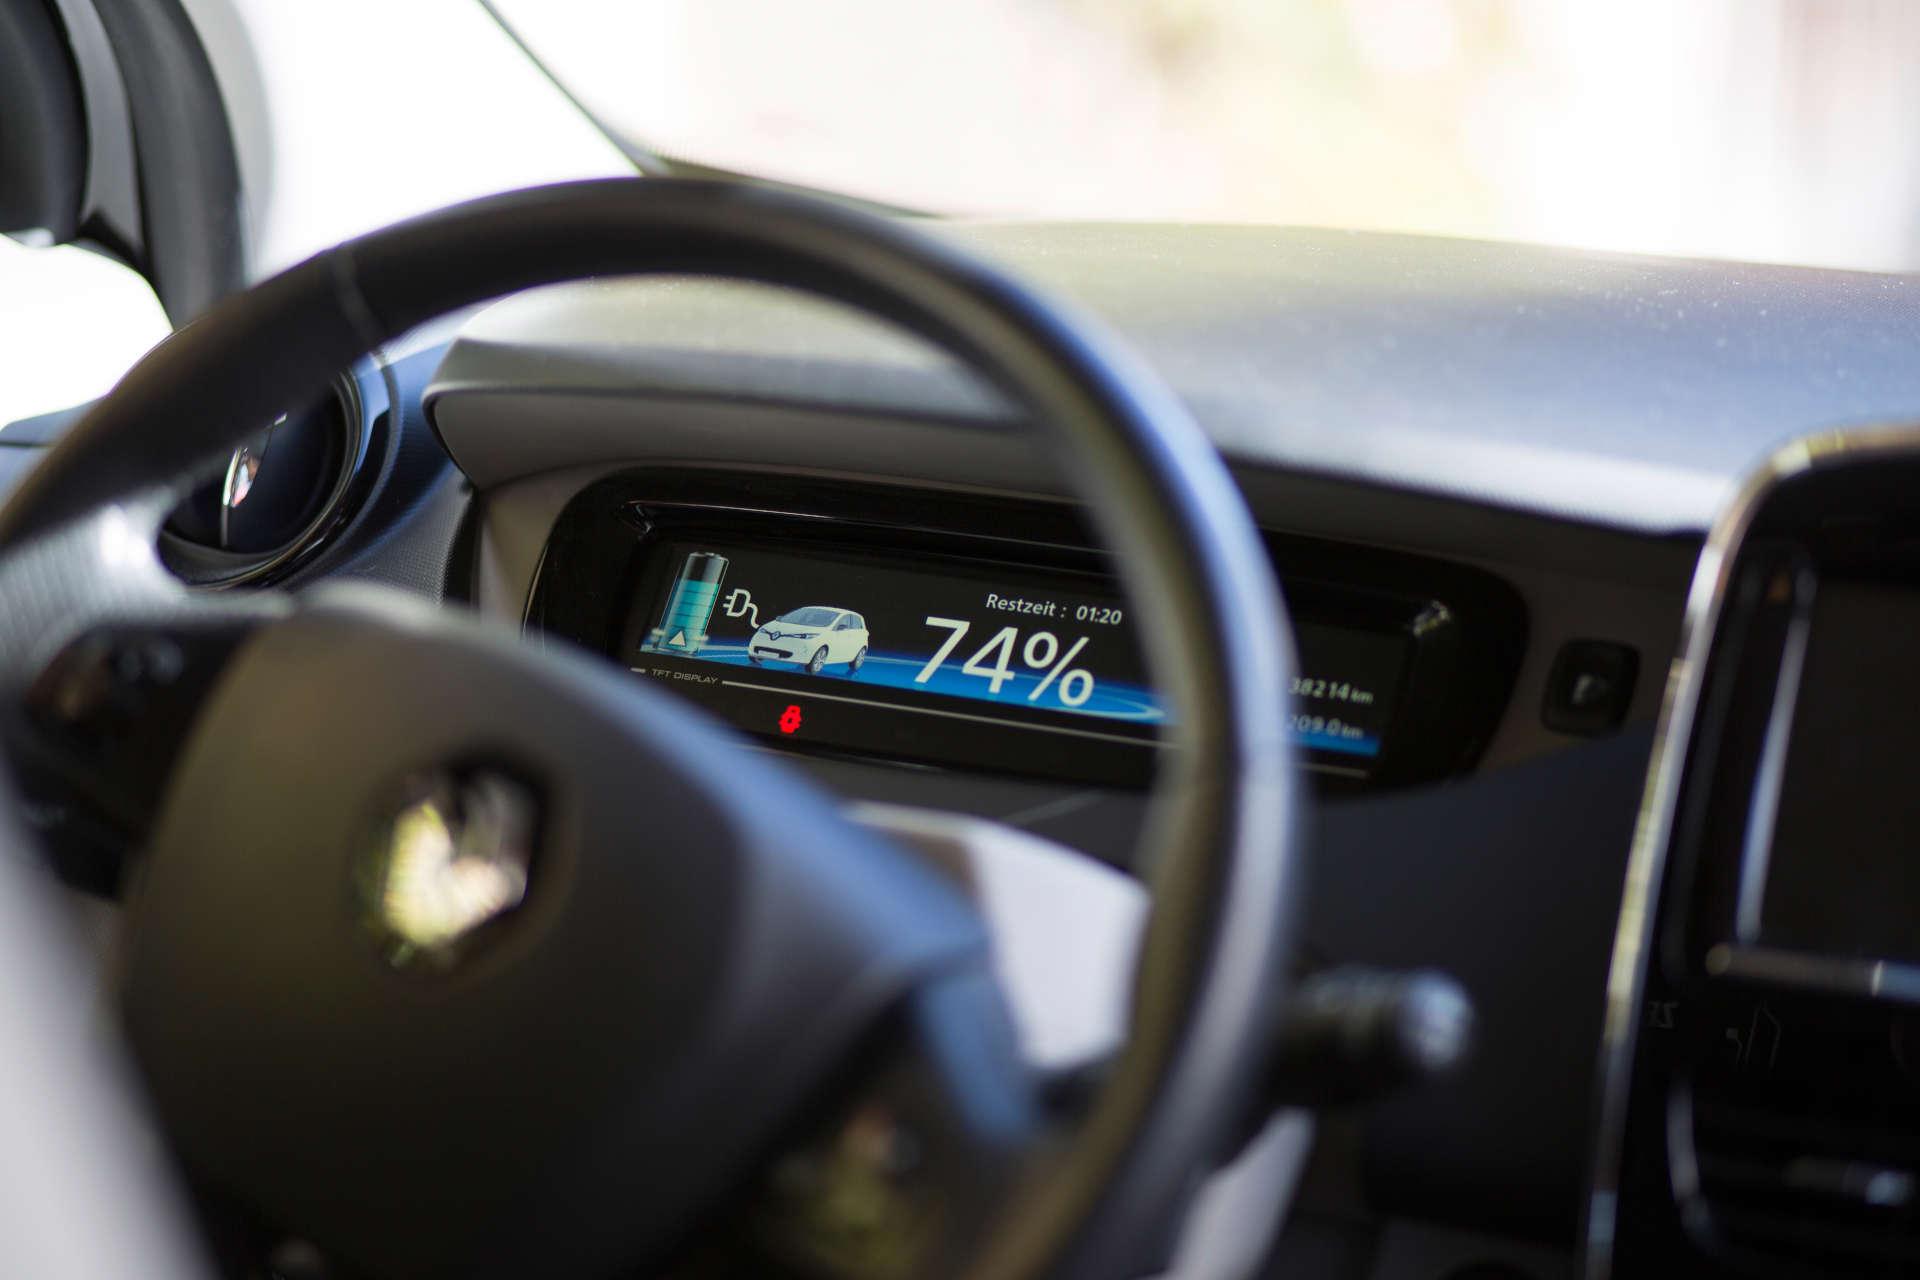 Lenkrad in einem Elektroauto mit Displayanzeige